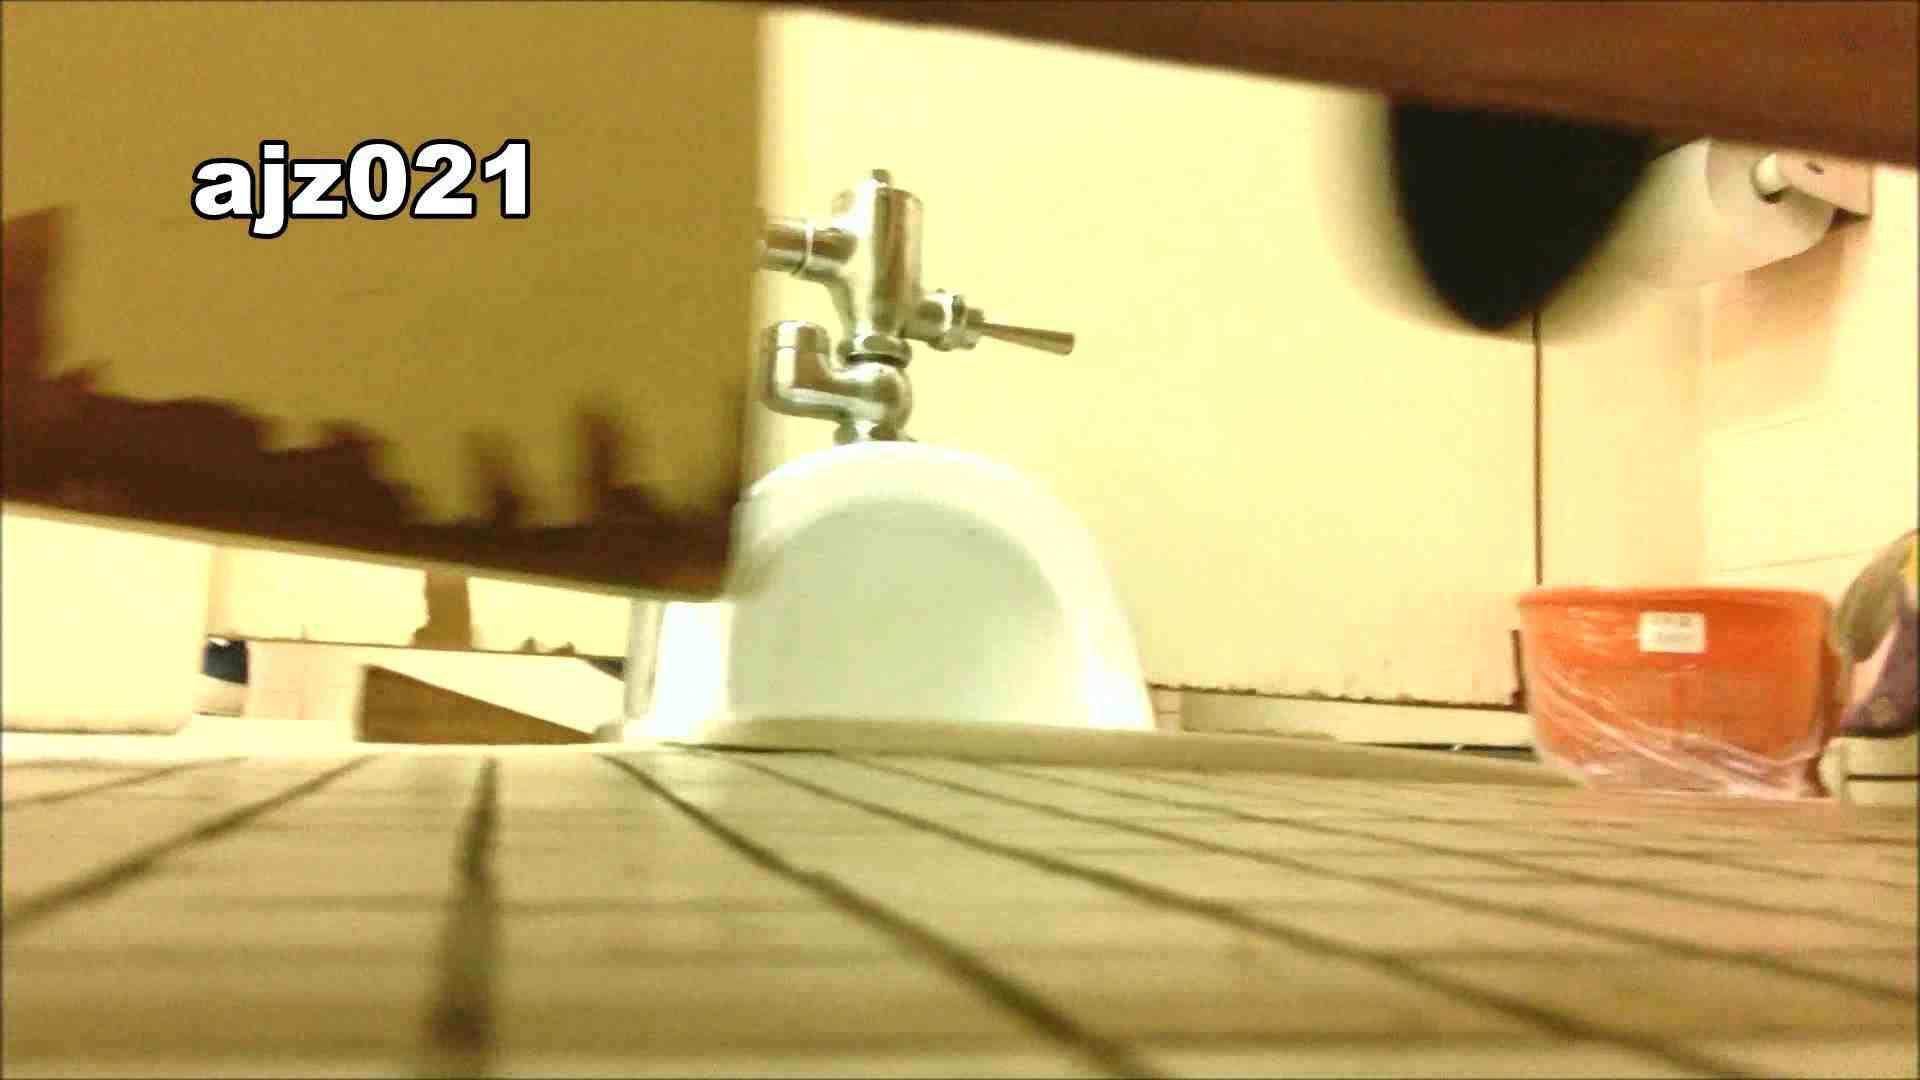 某有名大学女性洗面所 vol.21 OLセックス | 潜入  75画像 45